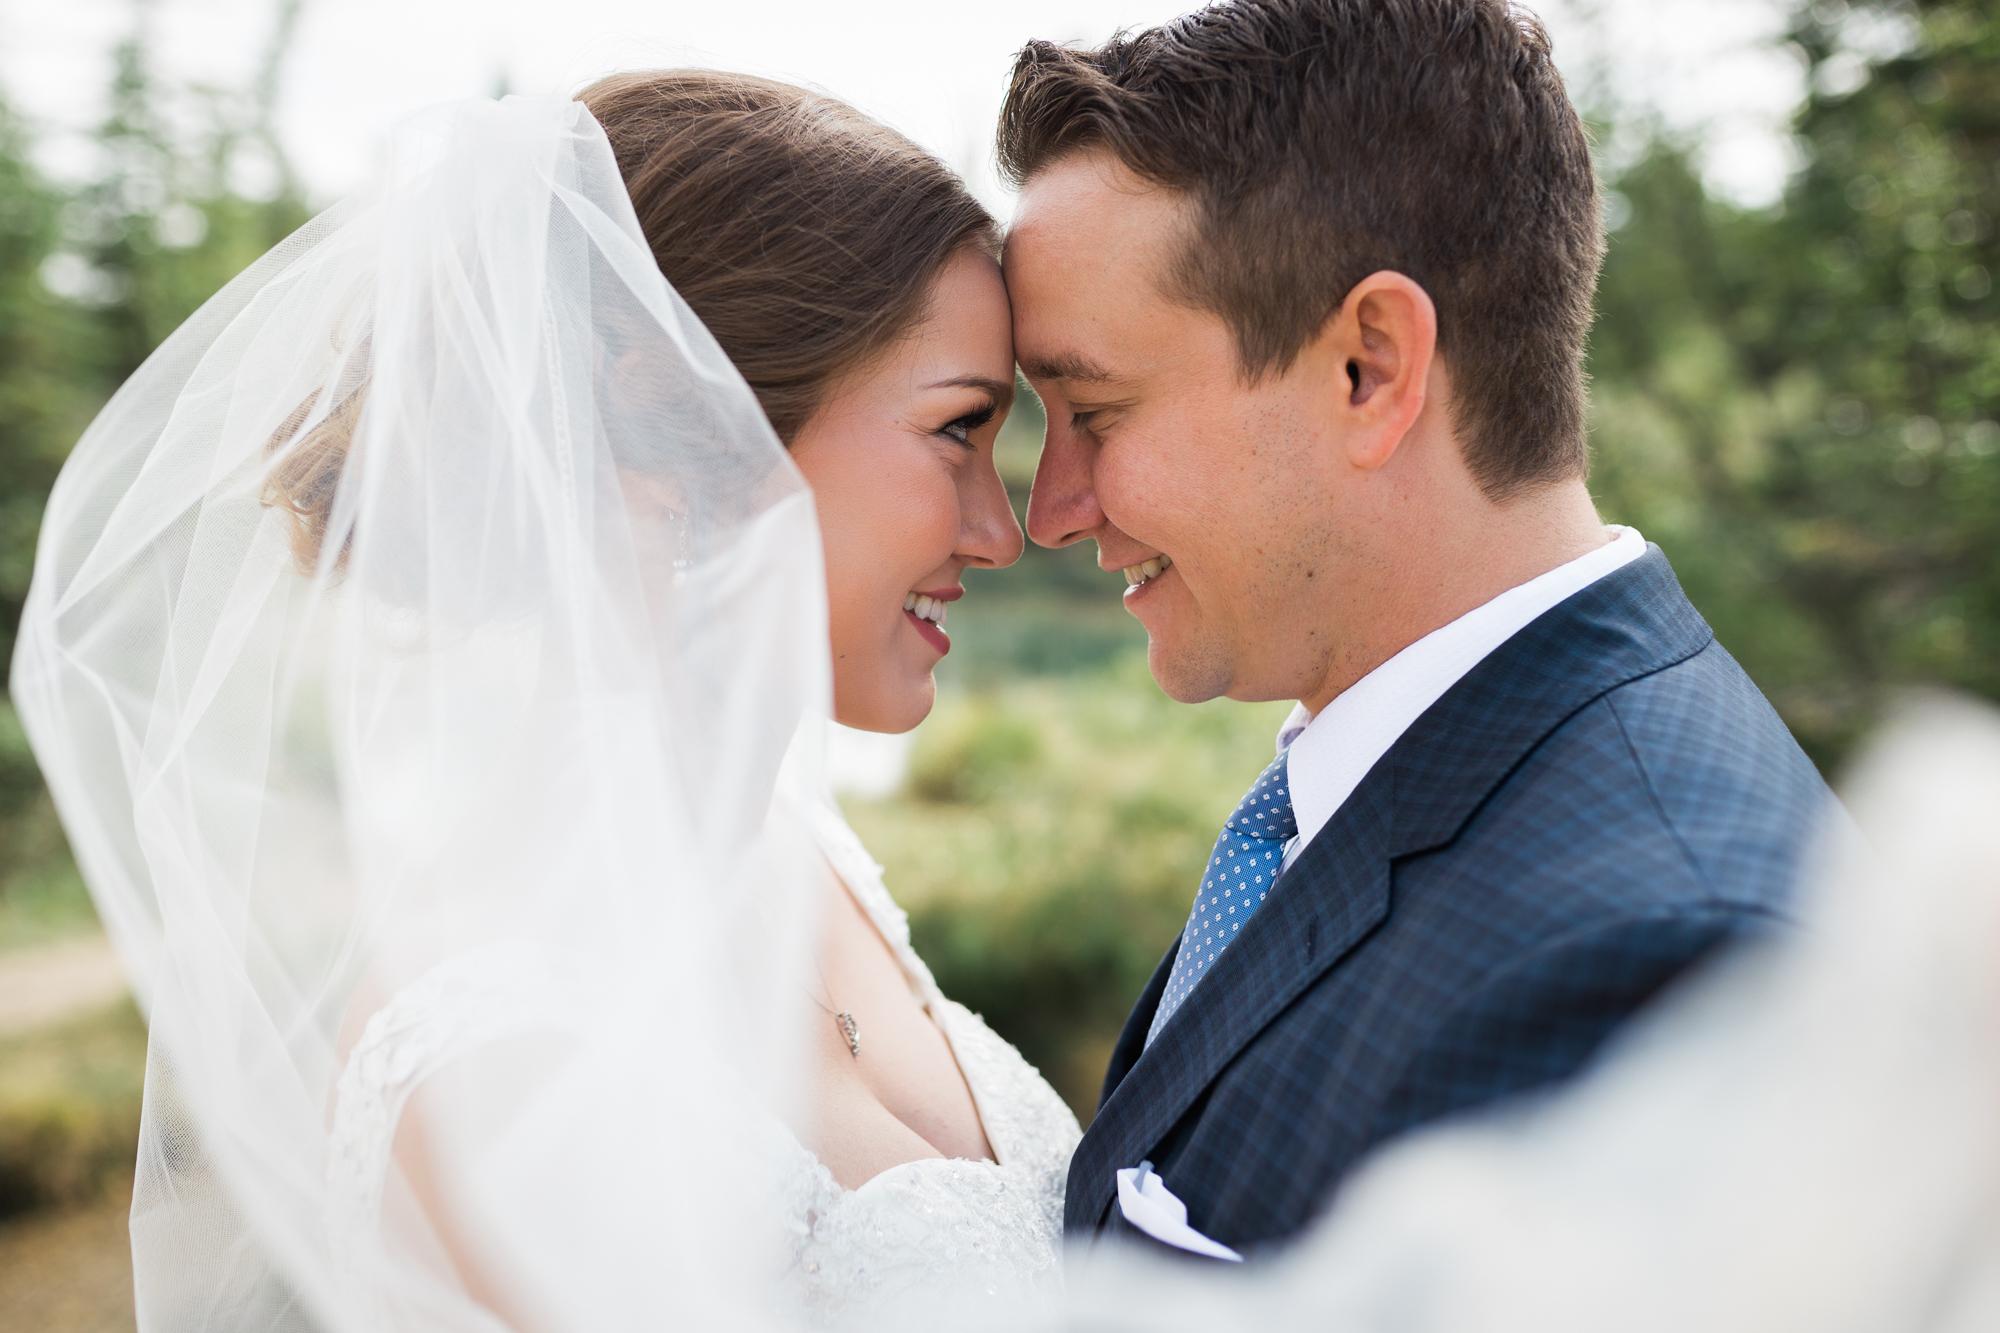 Deanna-Rachel-Photography-calgary-Wedding-photographer-jm-34.jpg